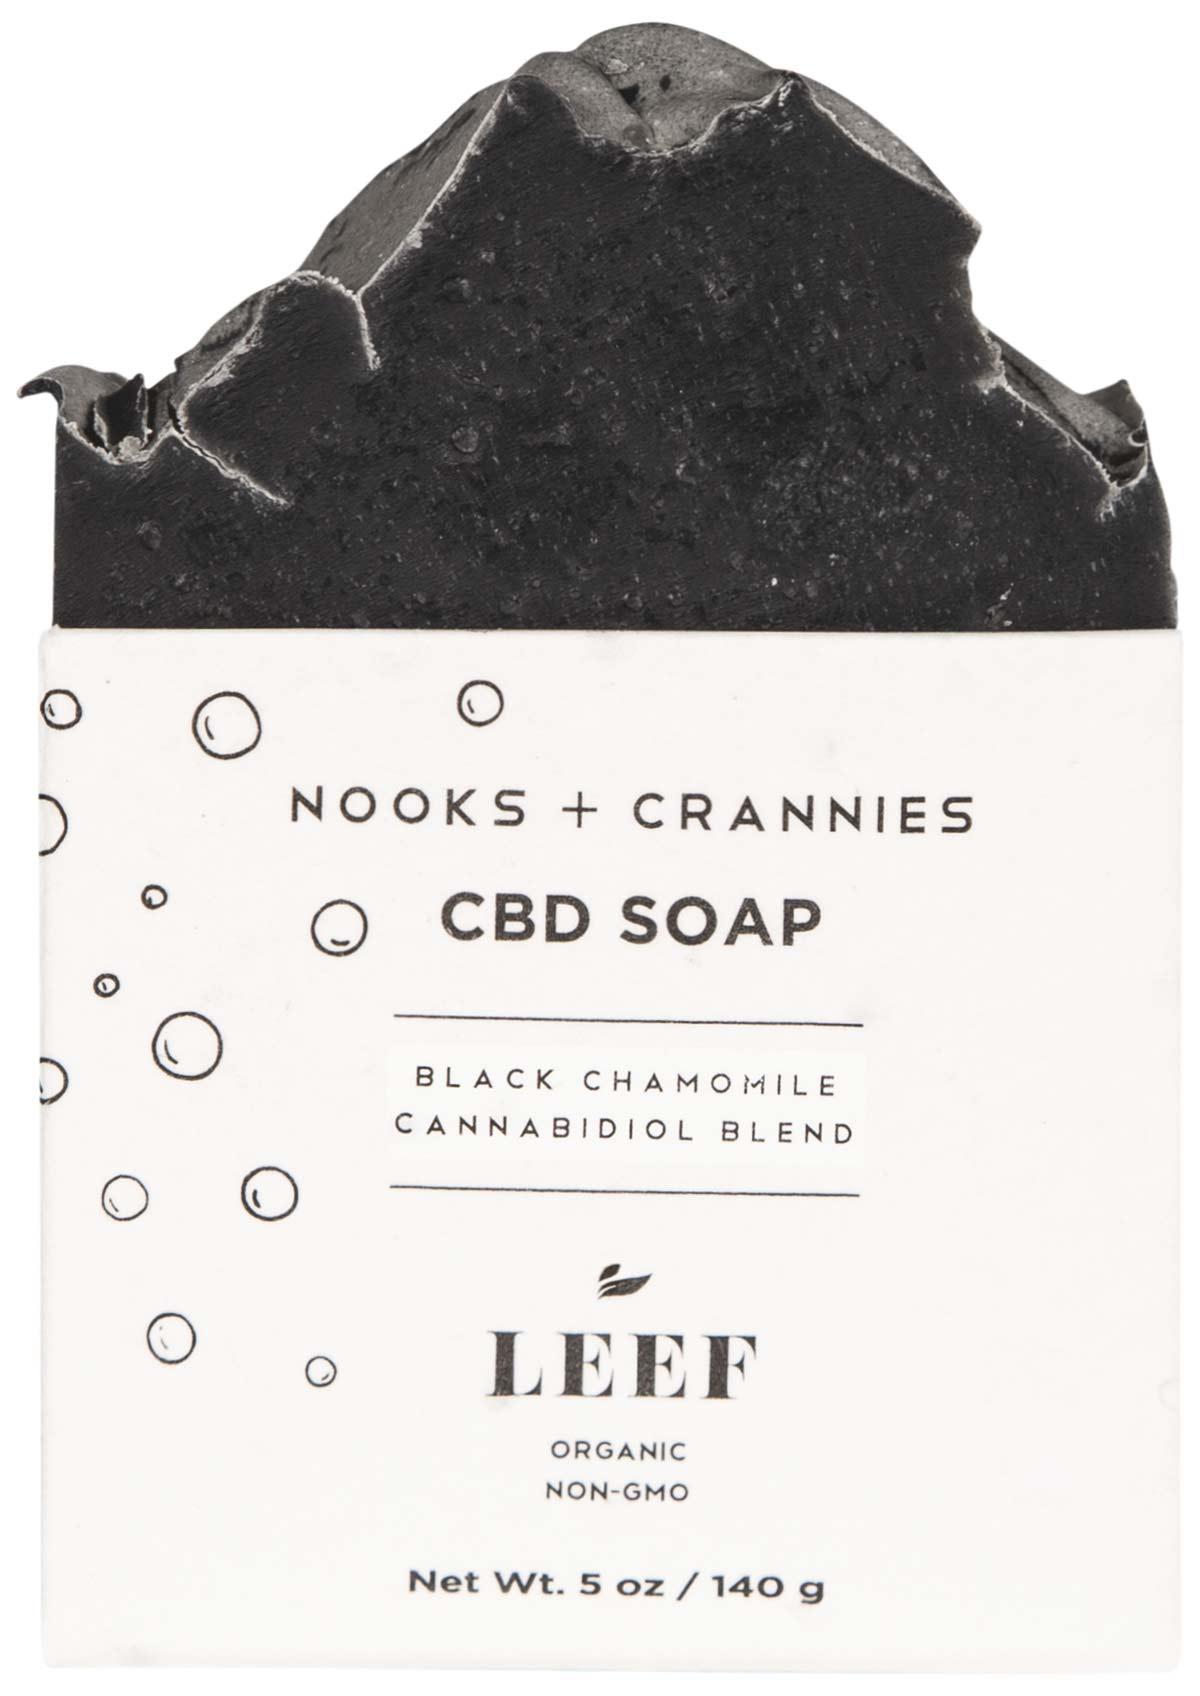 LEEF Organic Nooks + Crannies CBD Soap